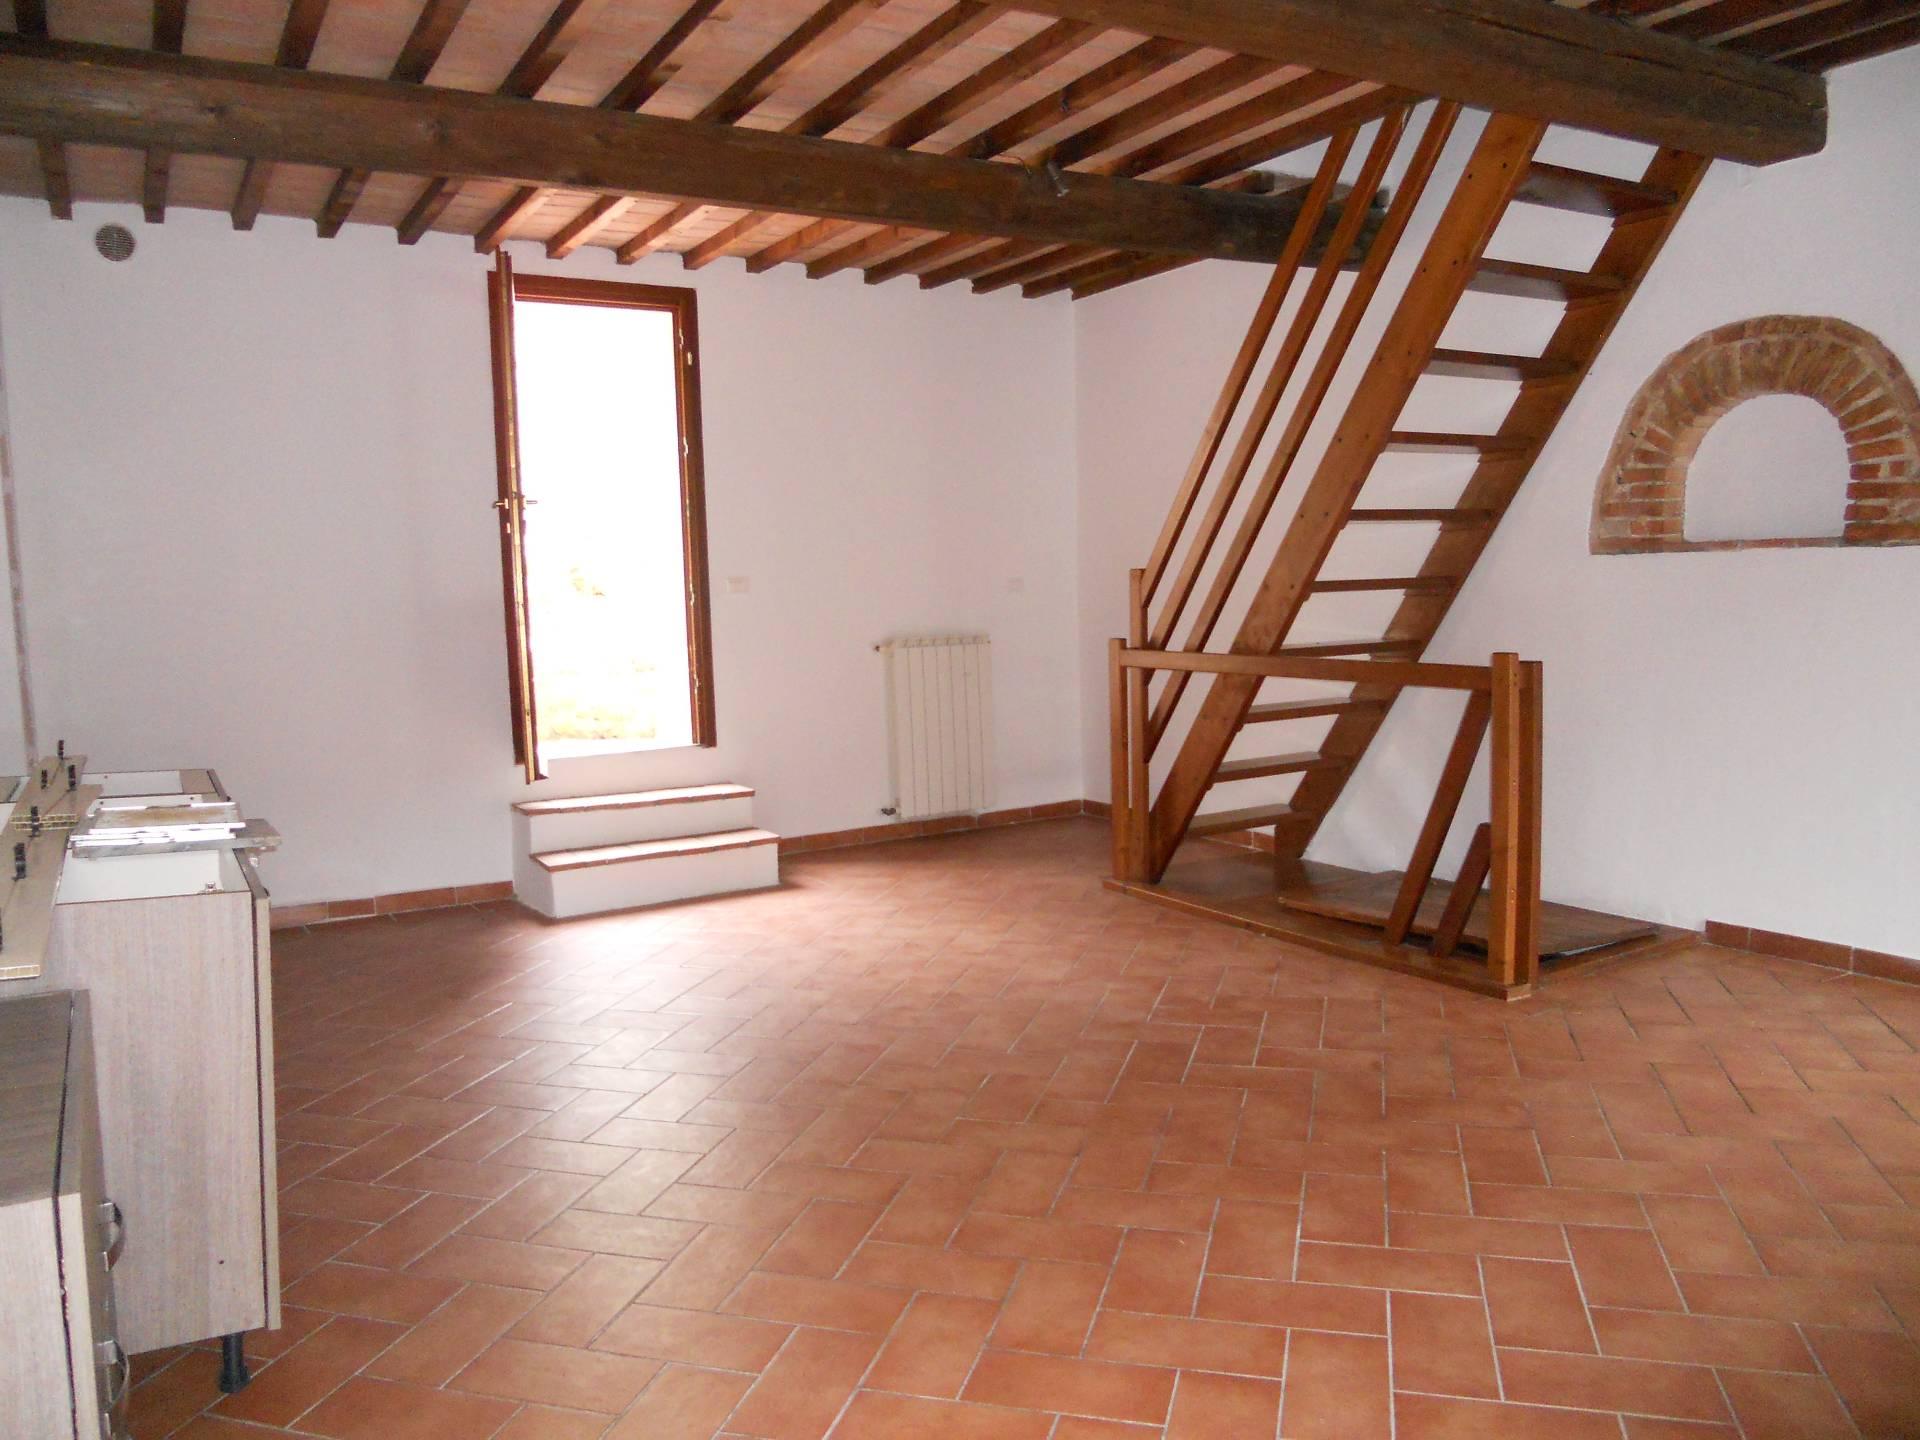 Rustico / Casale in affitto a Vicopisano, 4 locali, zona Località: SanGiovanniallaVena, prezzo € 650 | CambioCasa.it